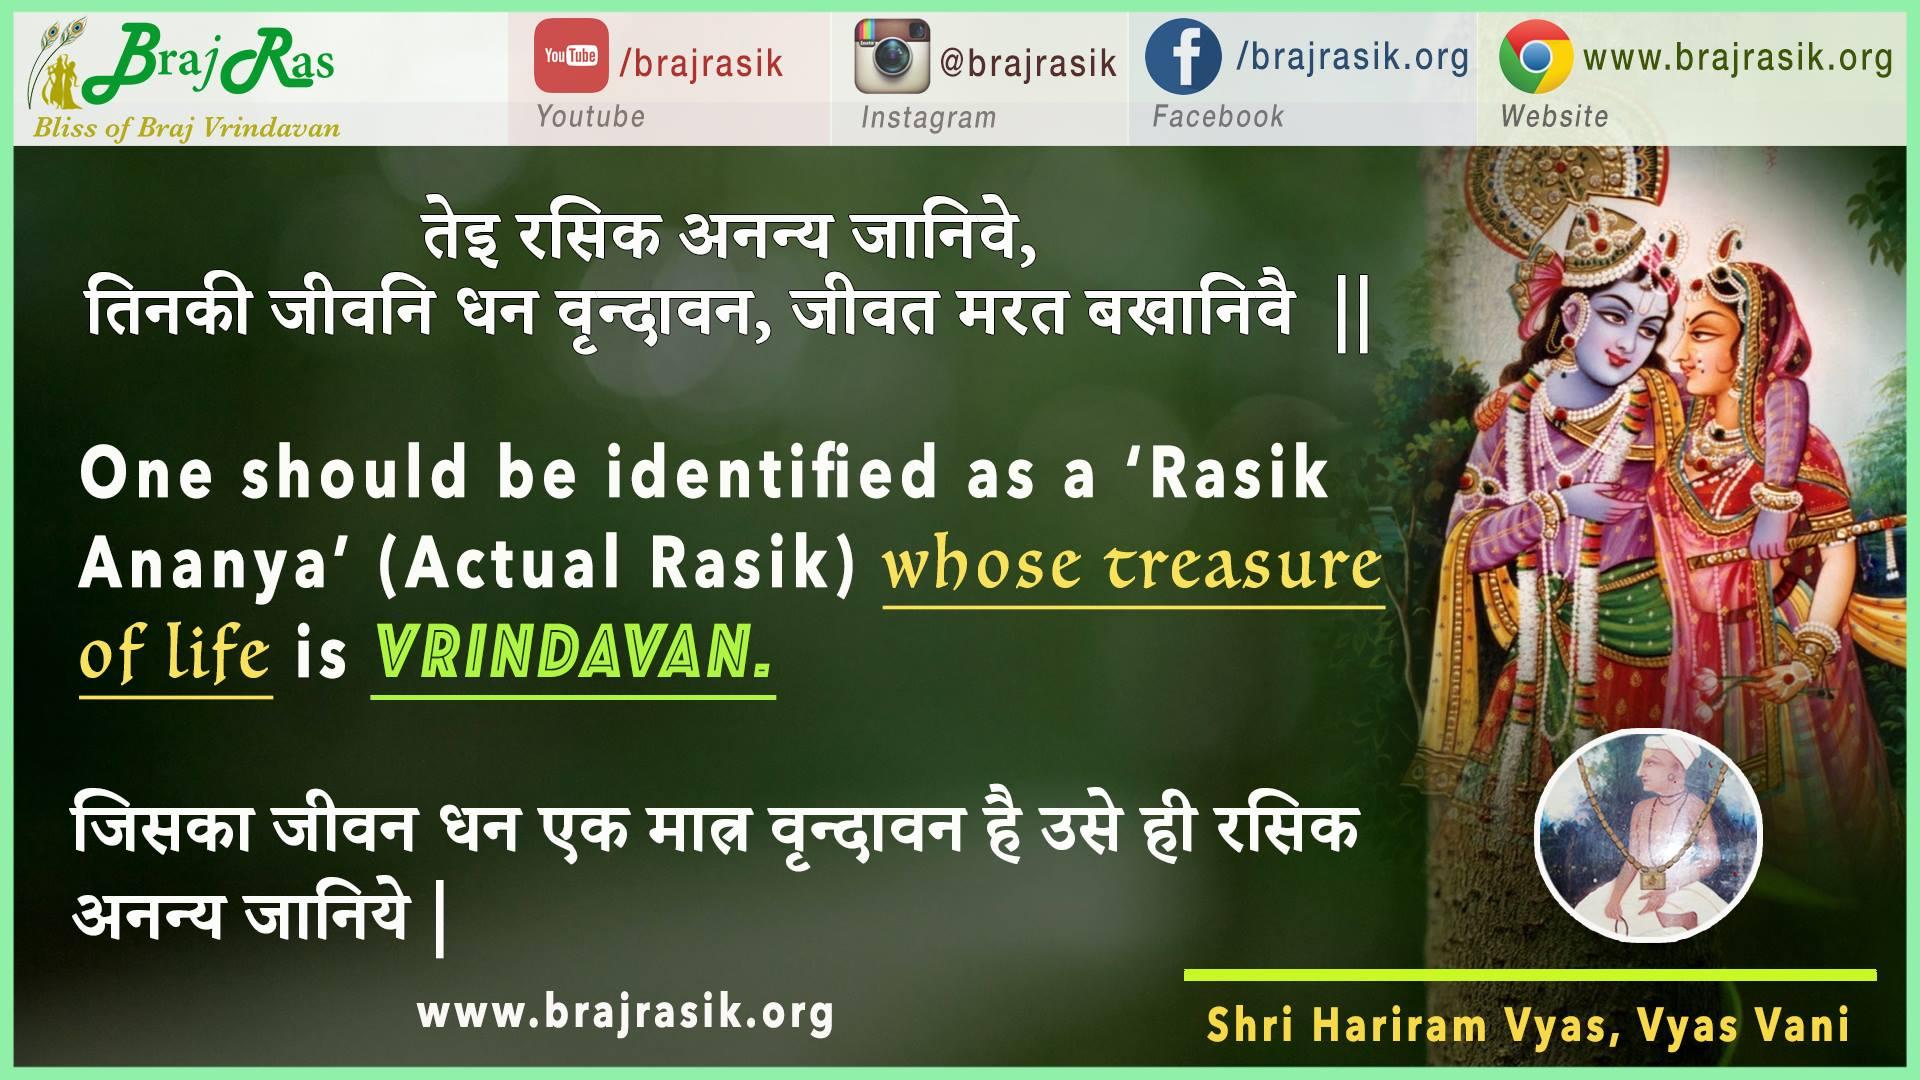 Tei Rasik Ananya Janive - Shri Hariram Vyas, Vyas Vani